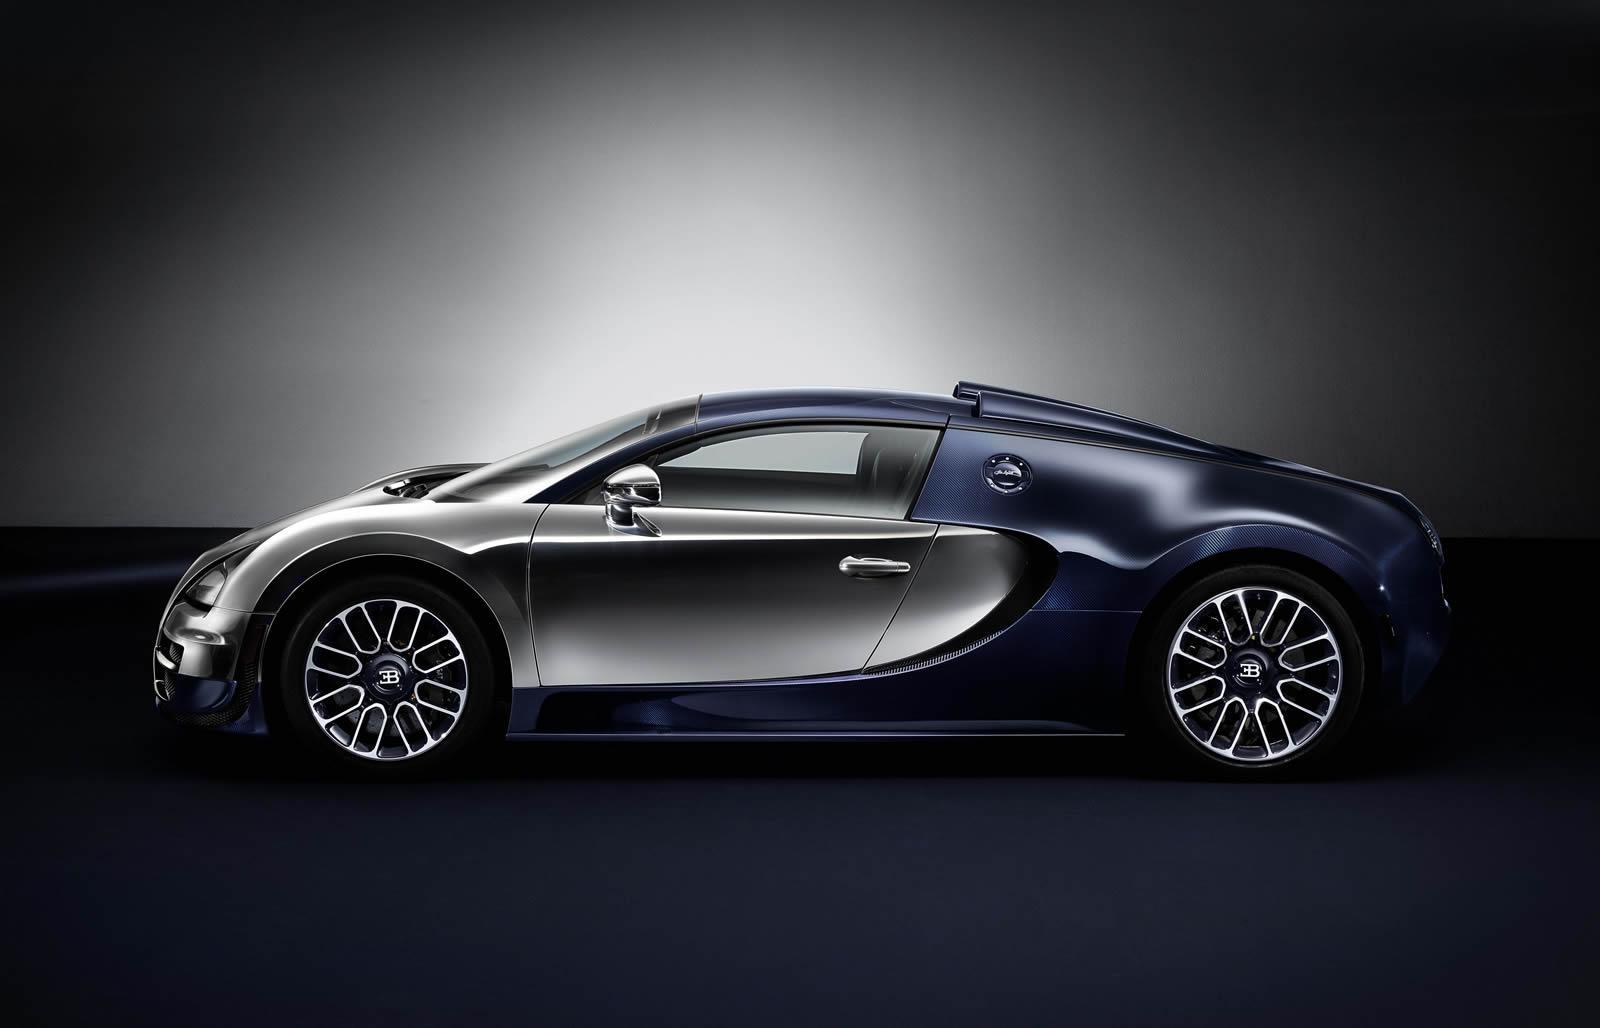 bugatti veyron ettore bugatti special edition side. Black Bedroom Furniture Sets. Home Design Ideas